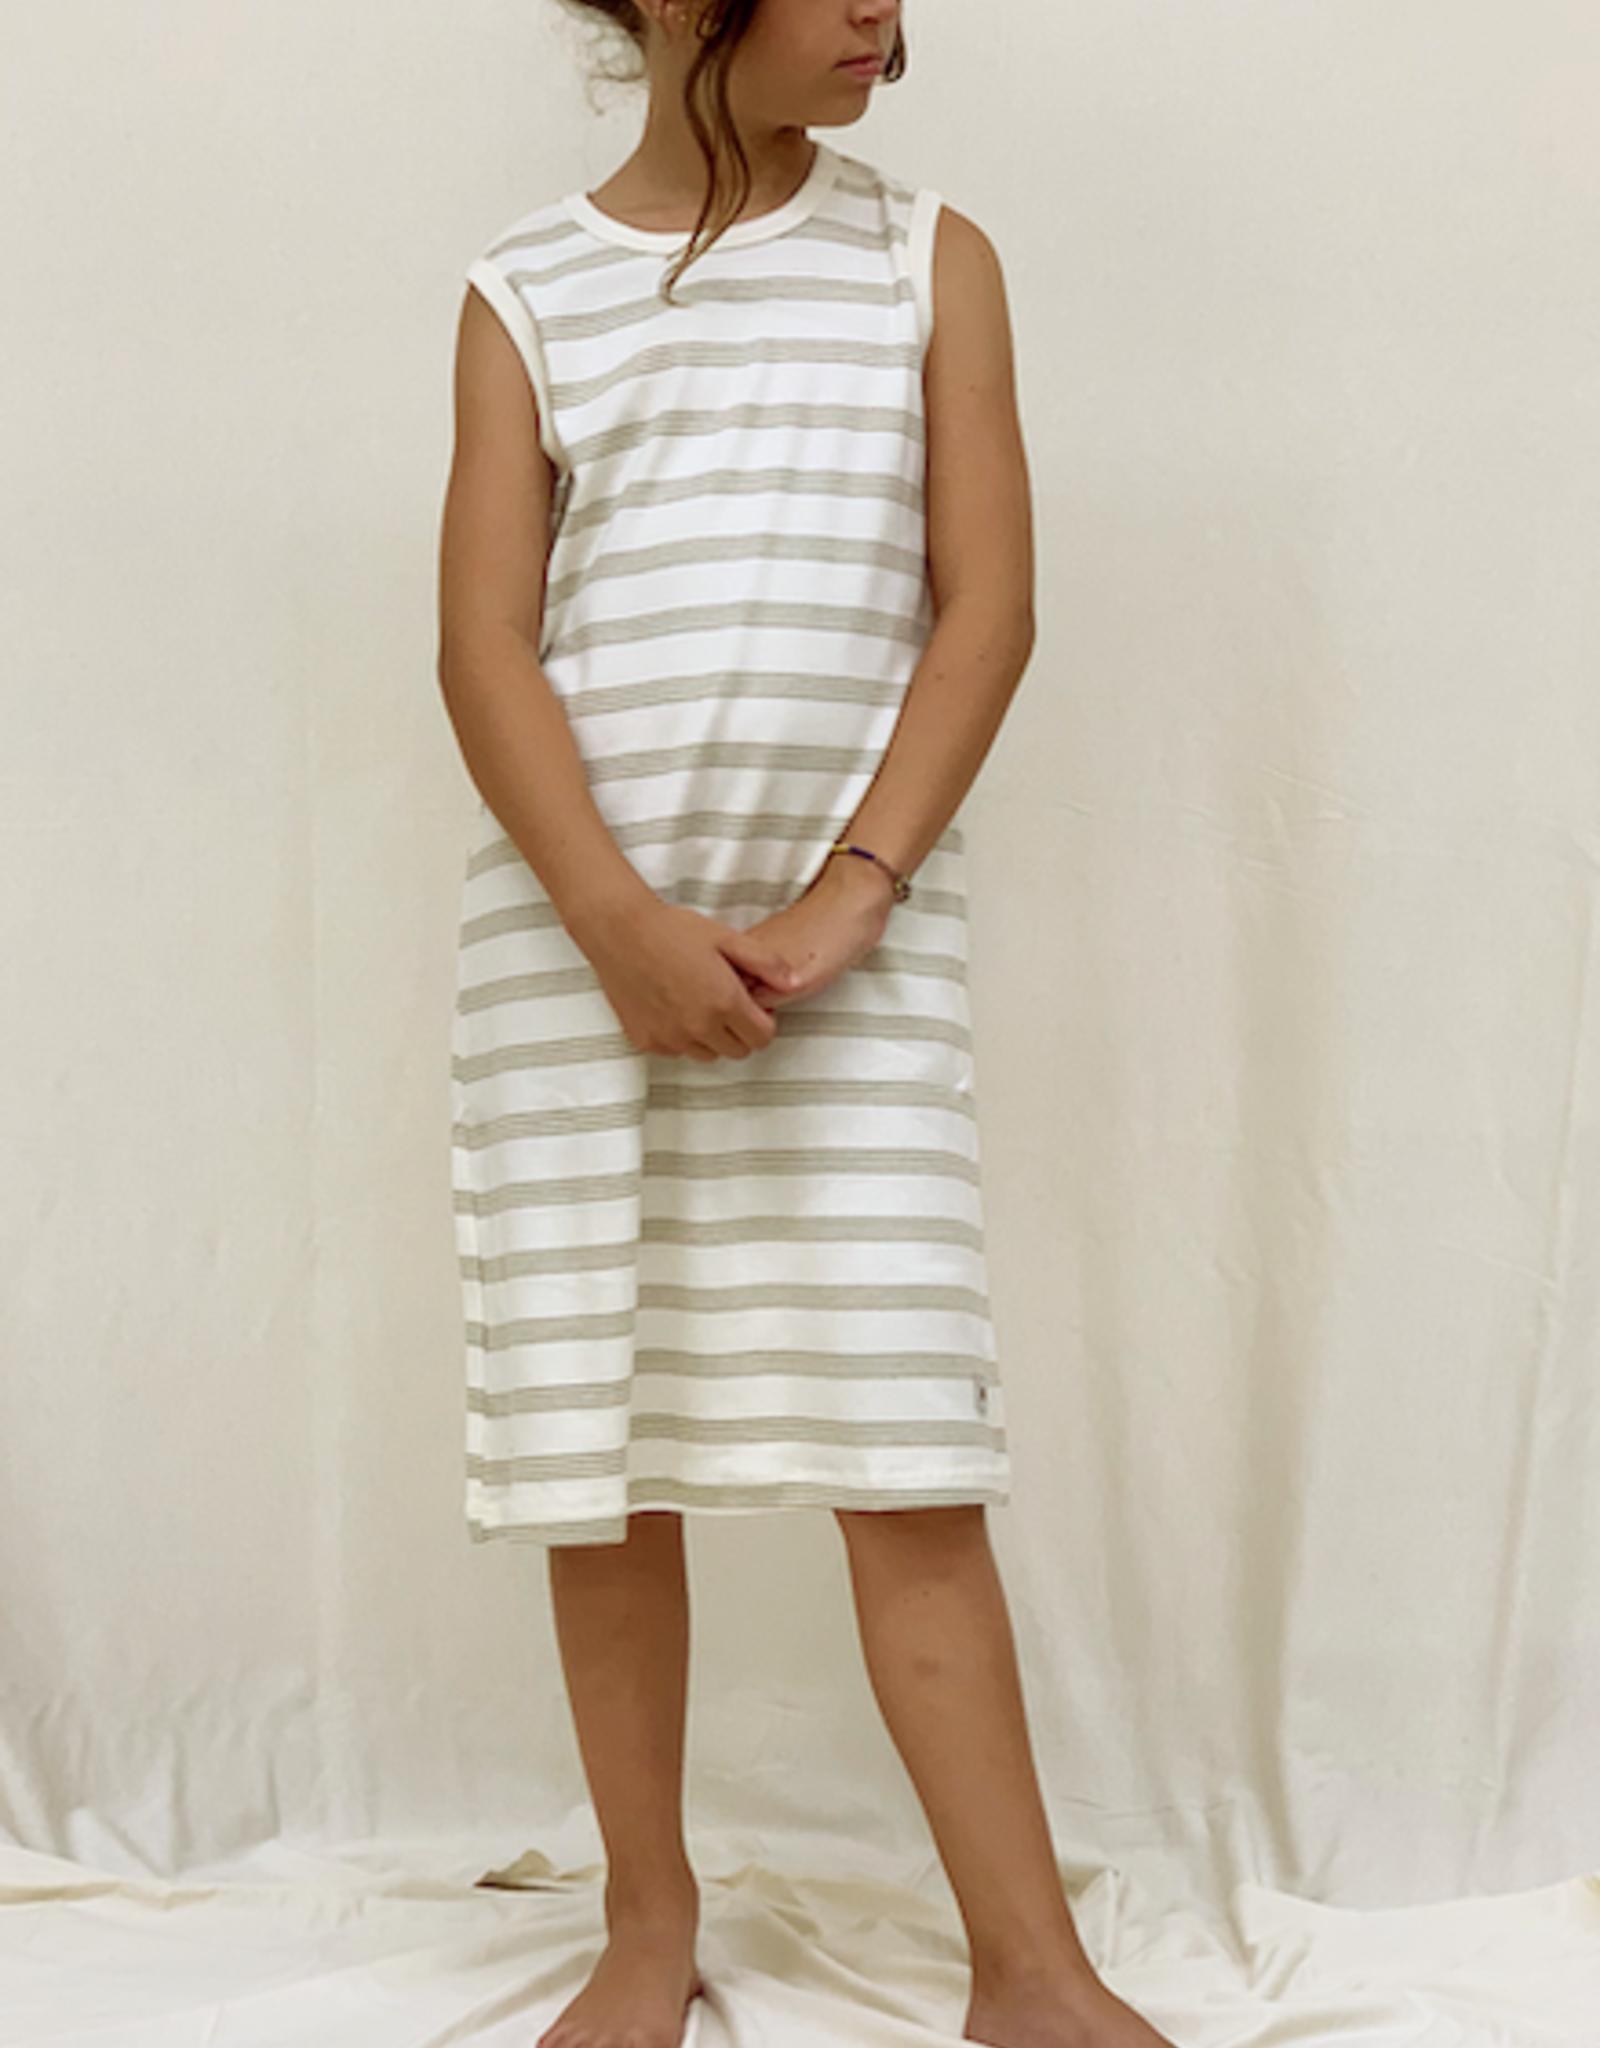 Vestido junior listado sin mangas. Tallas 2, 4, 6 años.